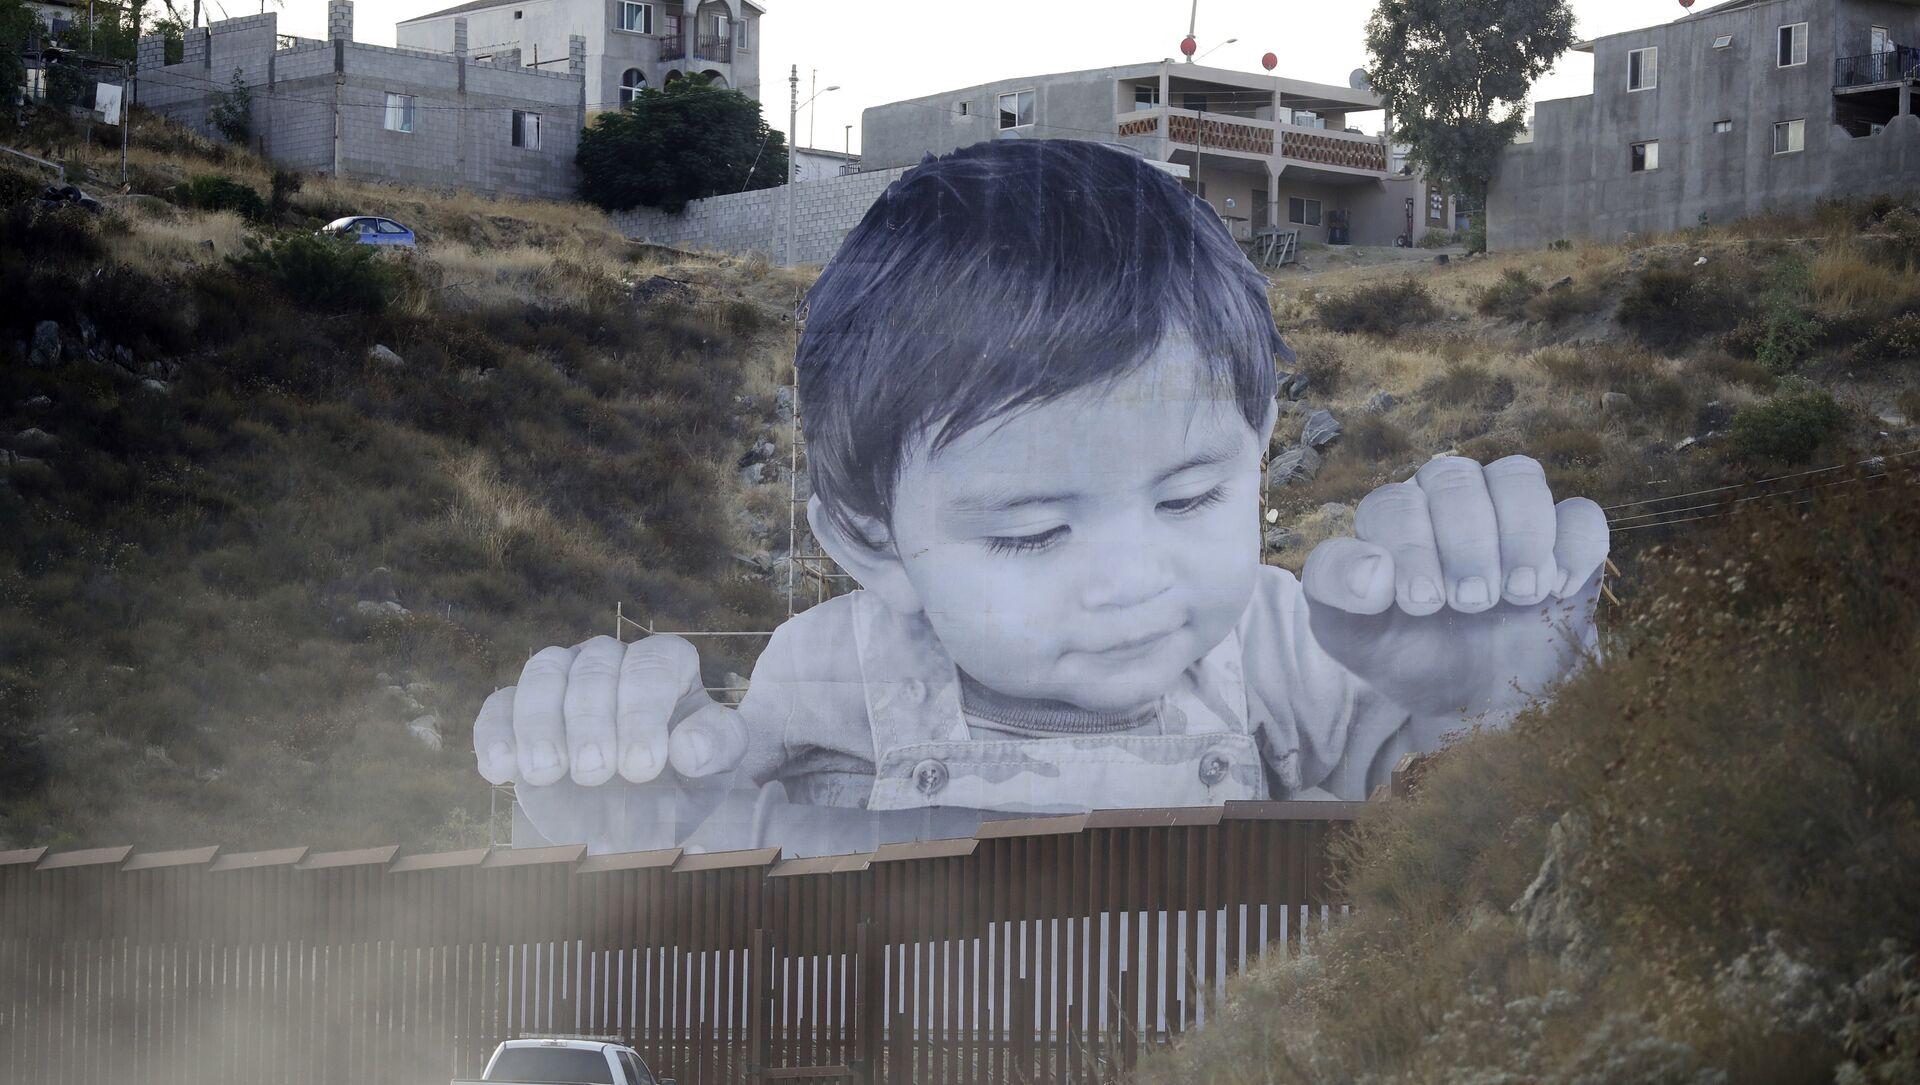 Un garçon géant est apparu sur le mur entre les États-Unis et le Mexique - Sputnik France, 1920, 22.03.2021